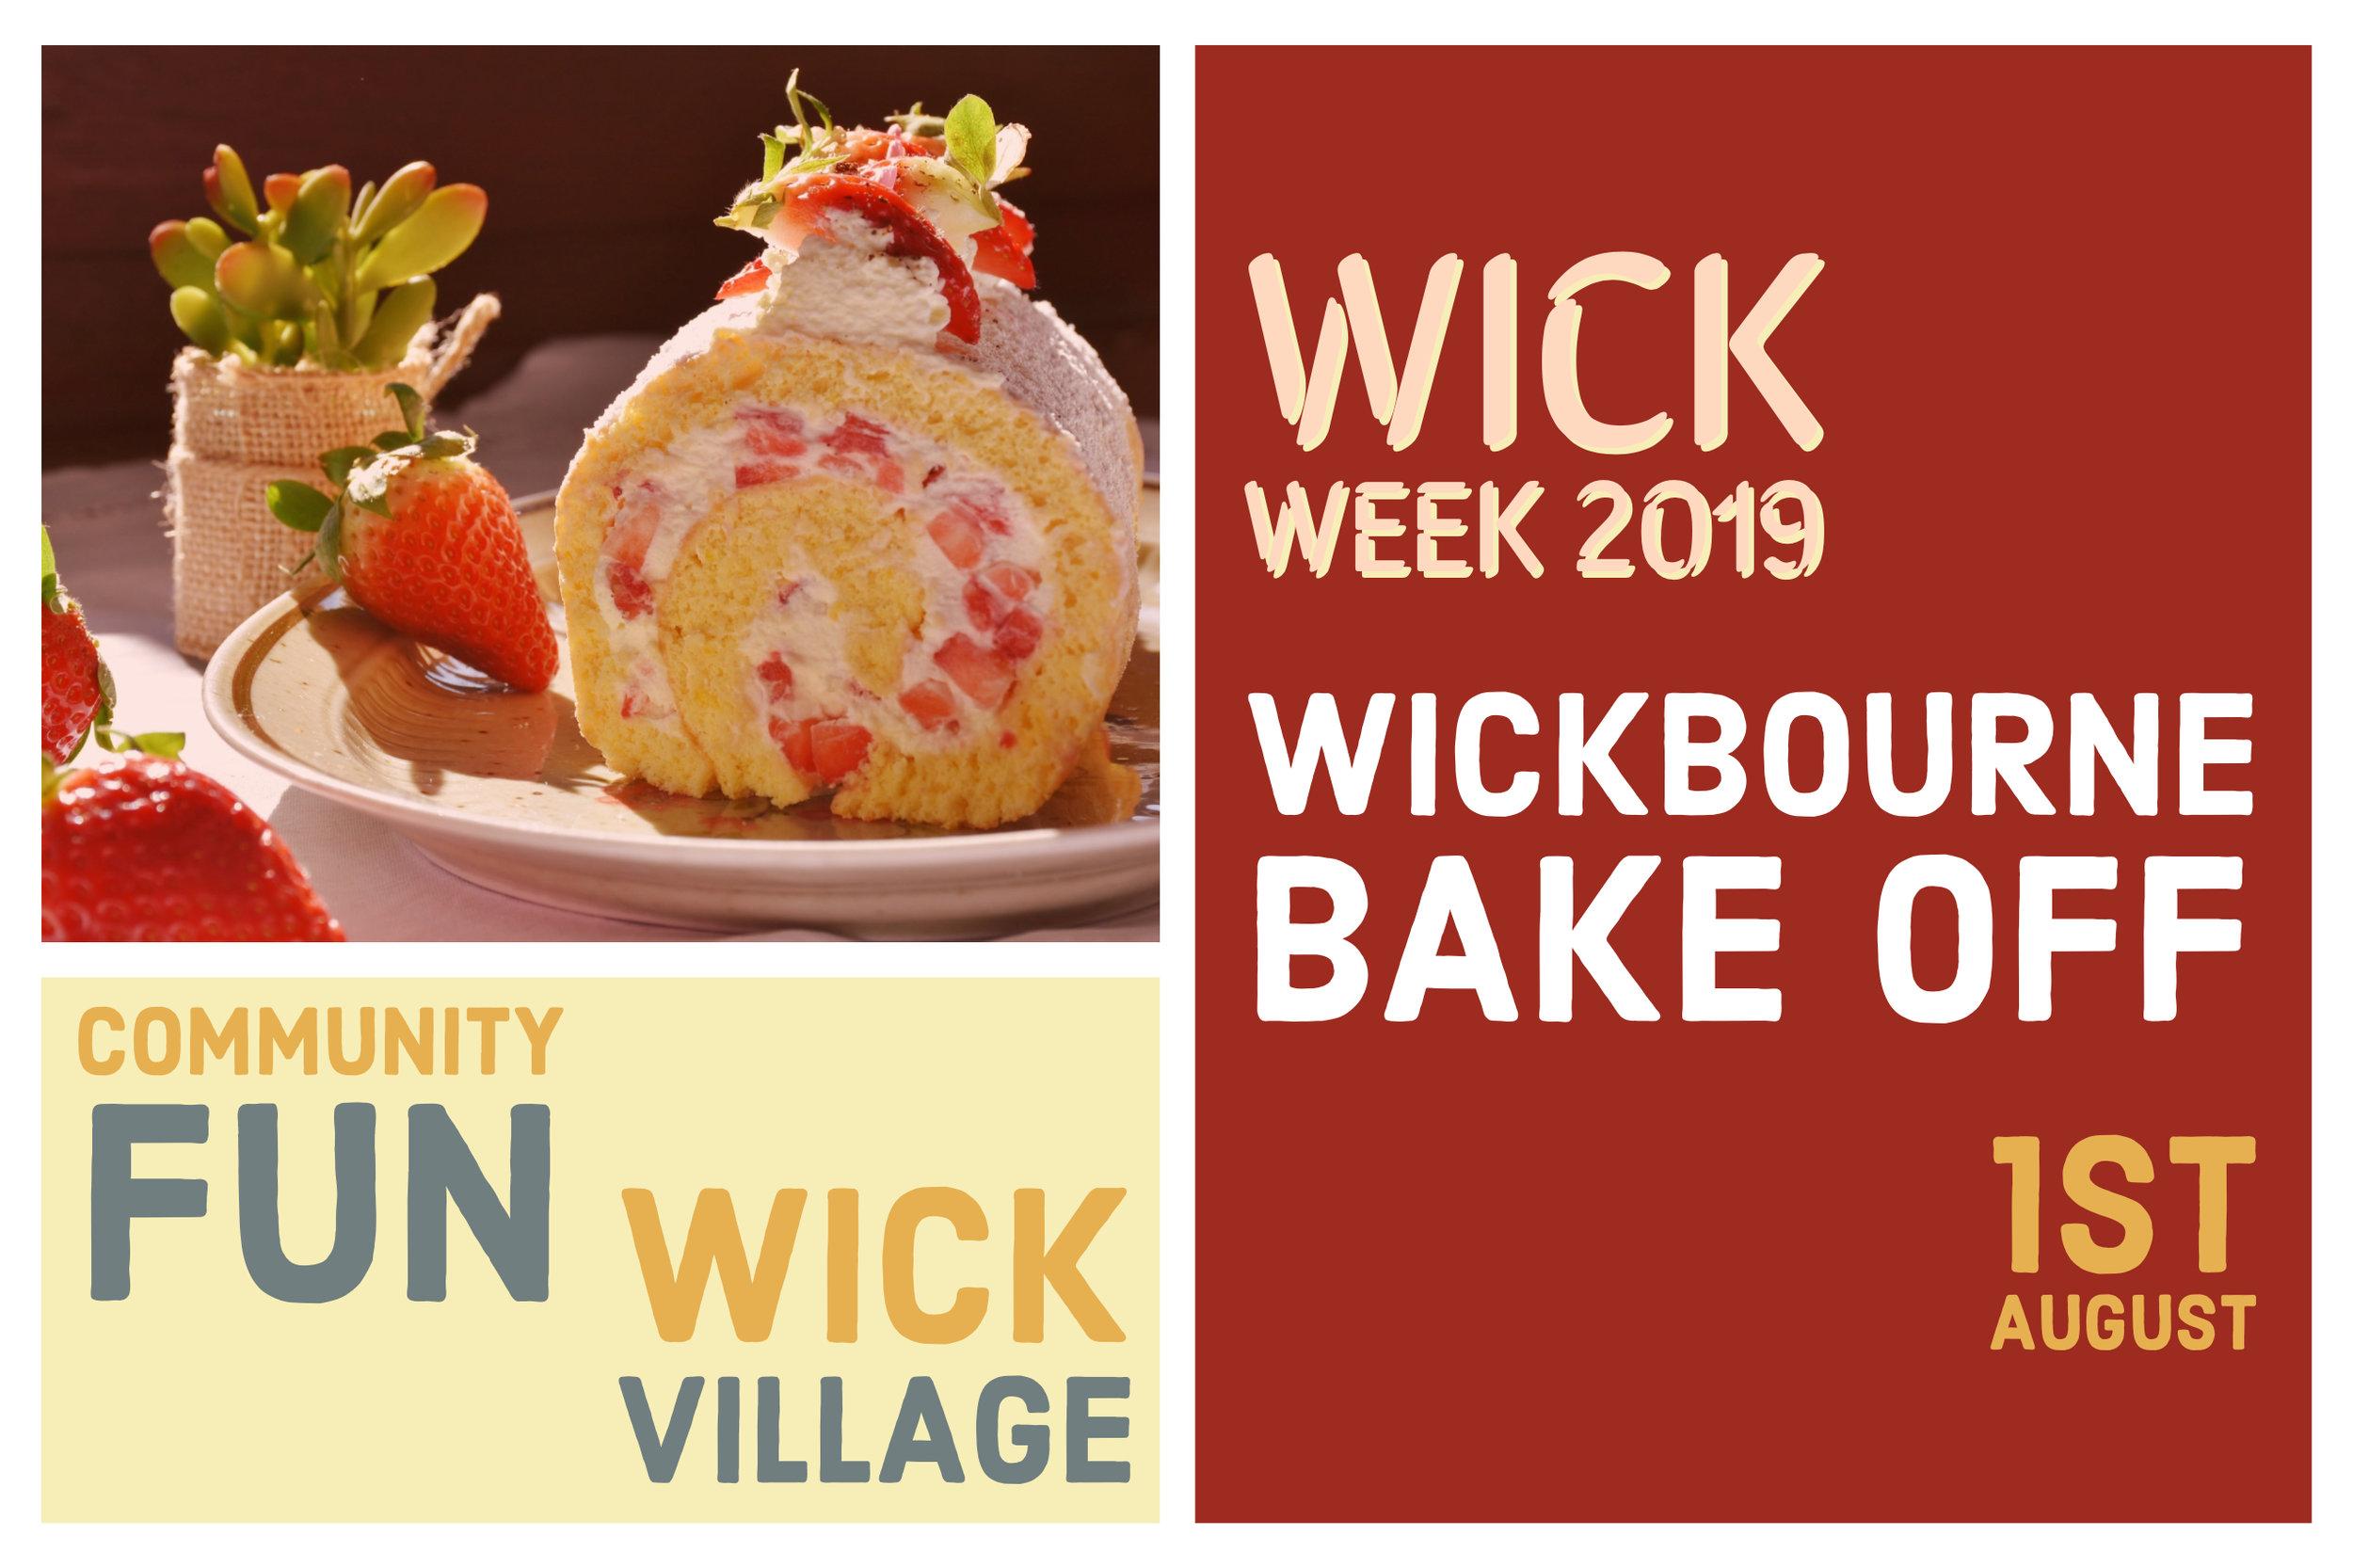 Wick Week 2019 - Wickbourne Bake Off.